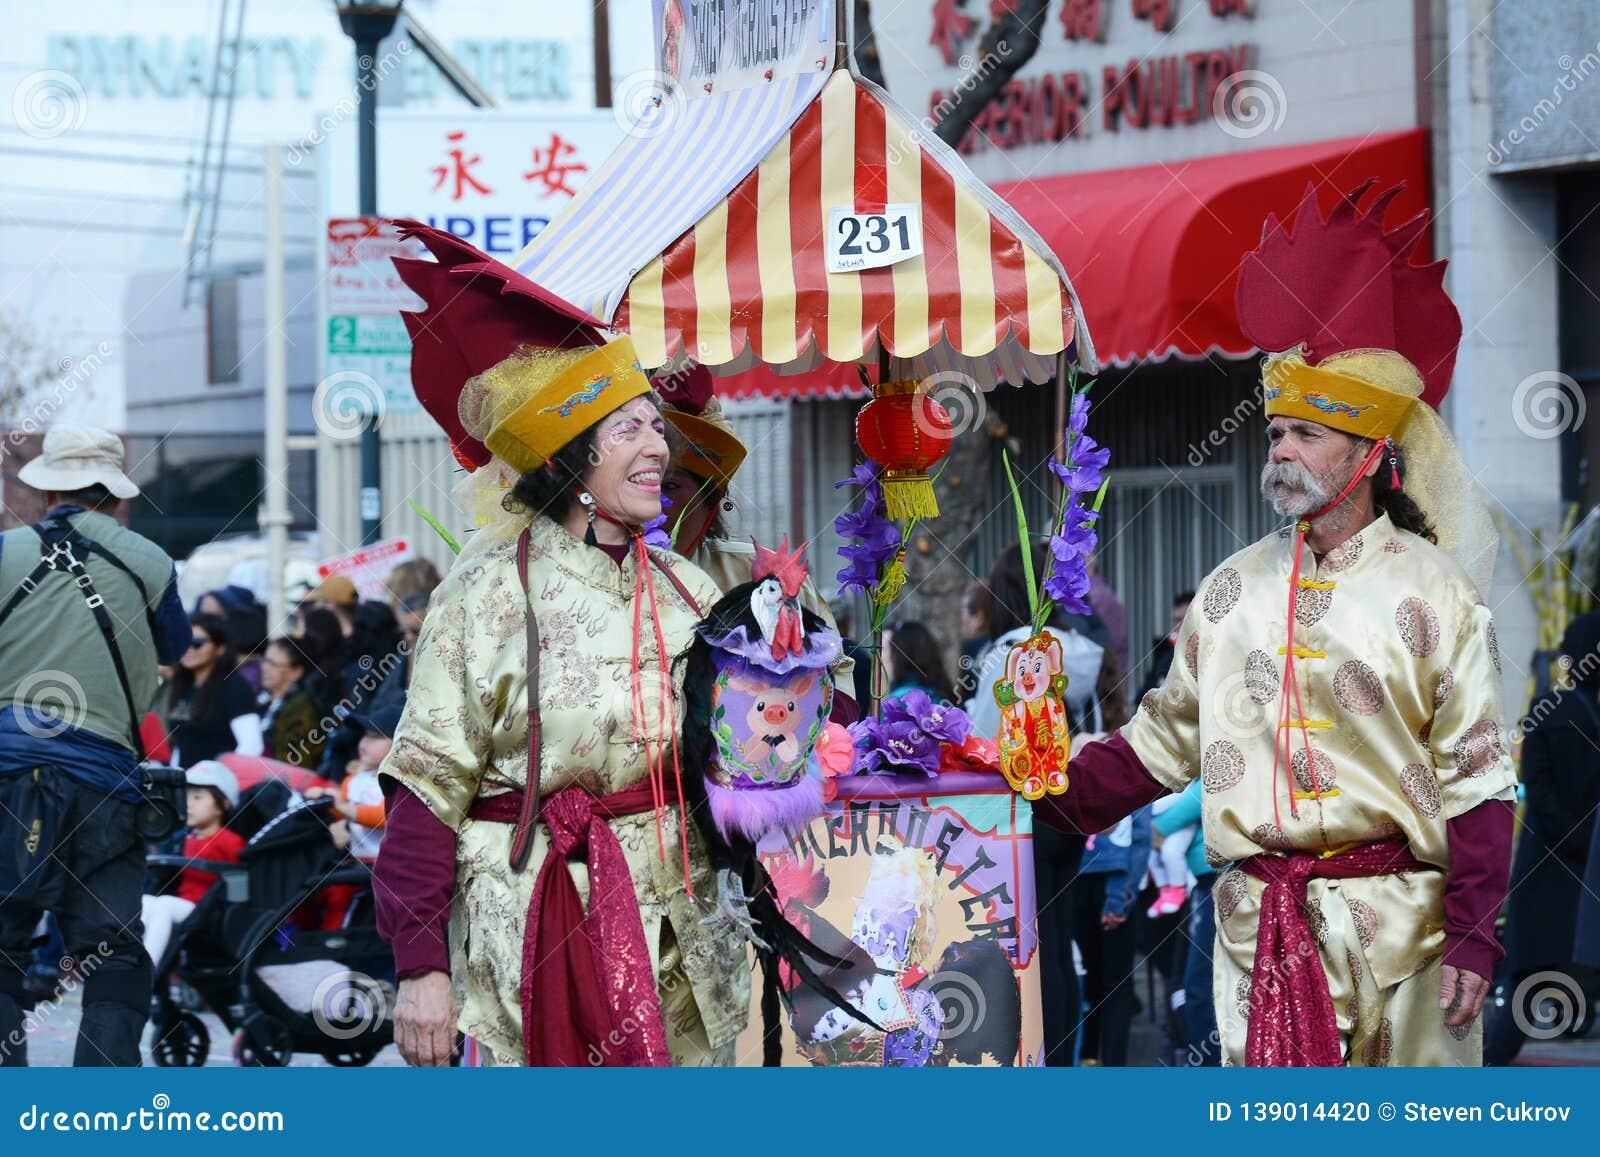 Chico McRooster на параде Нового Года Лос-Анджелеса китайском